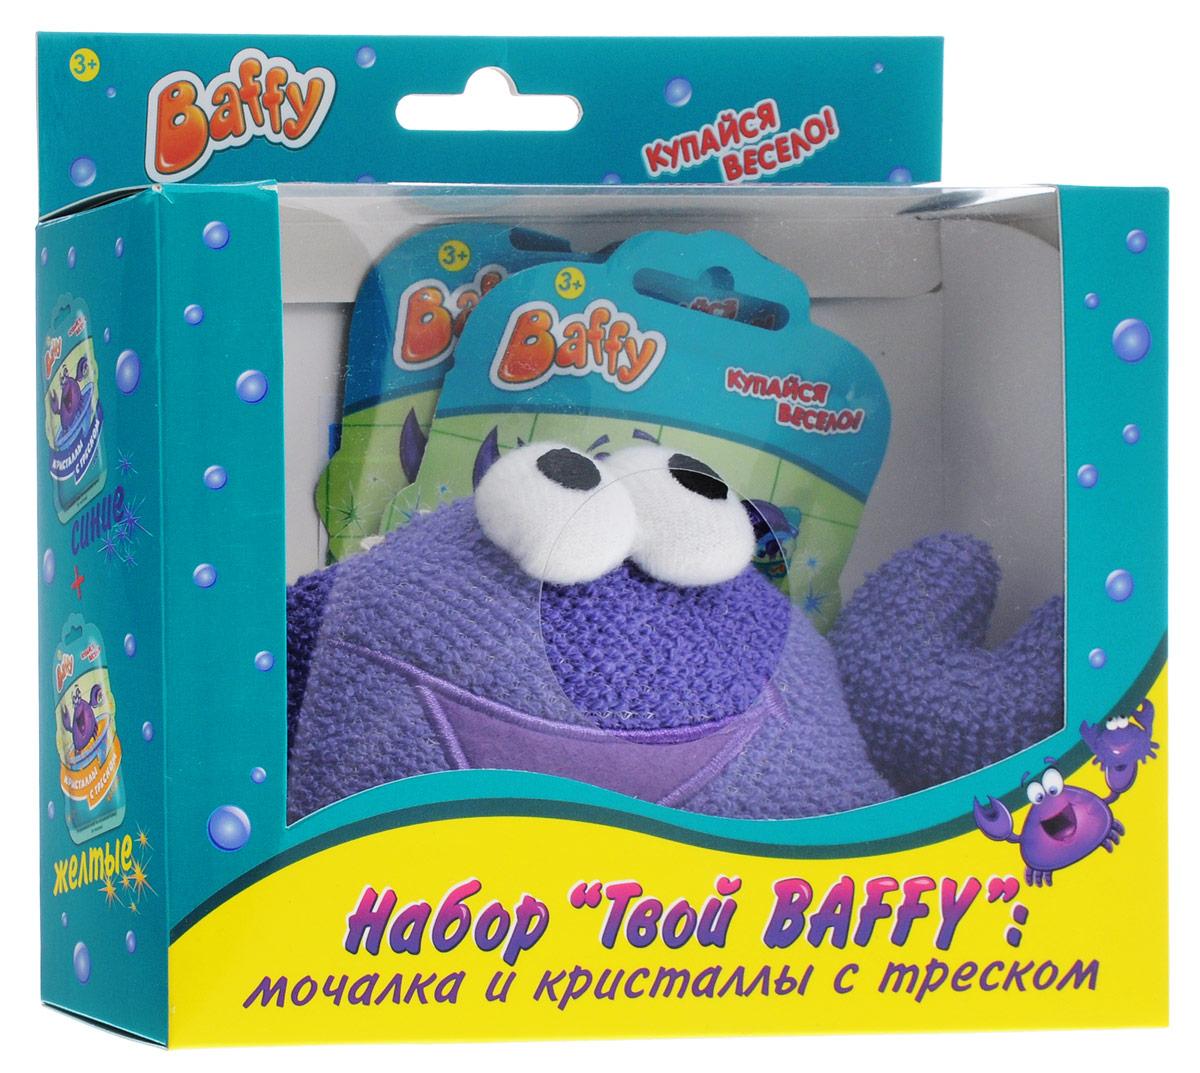 Baffy Набор средств для купания Твой Baffy цвет фиолетовый